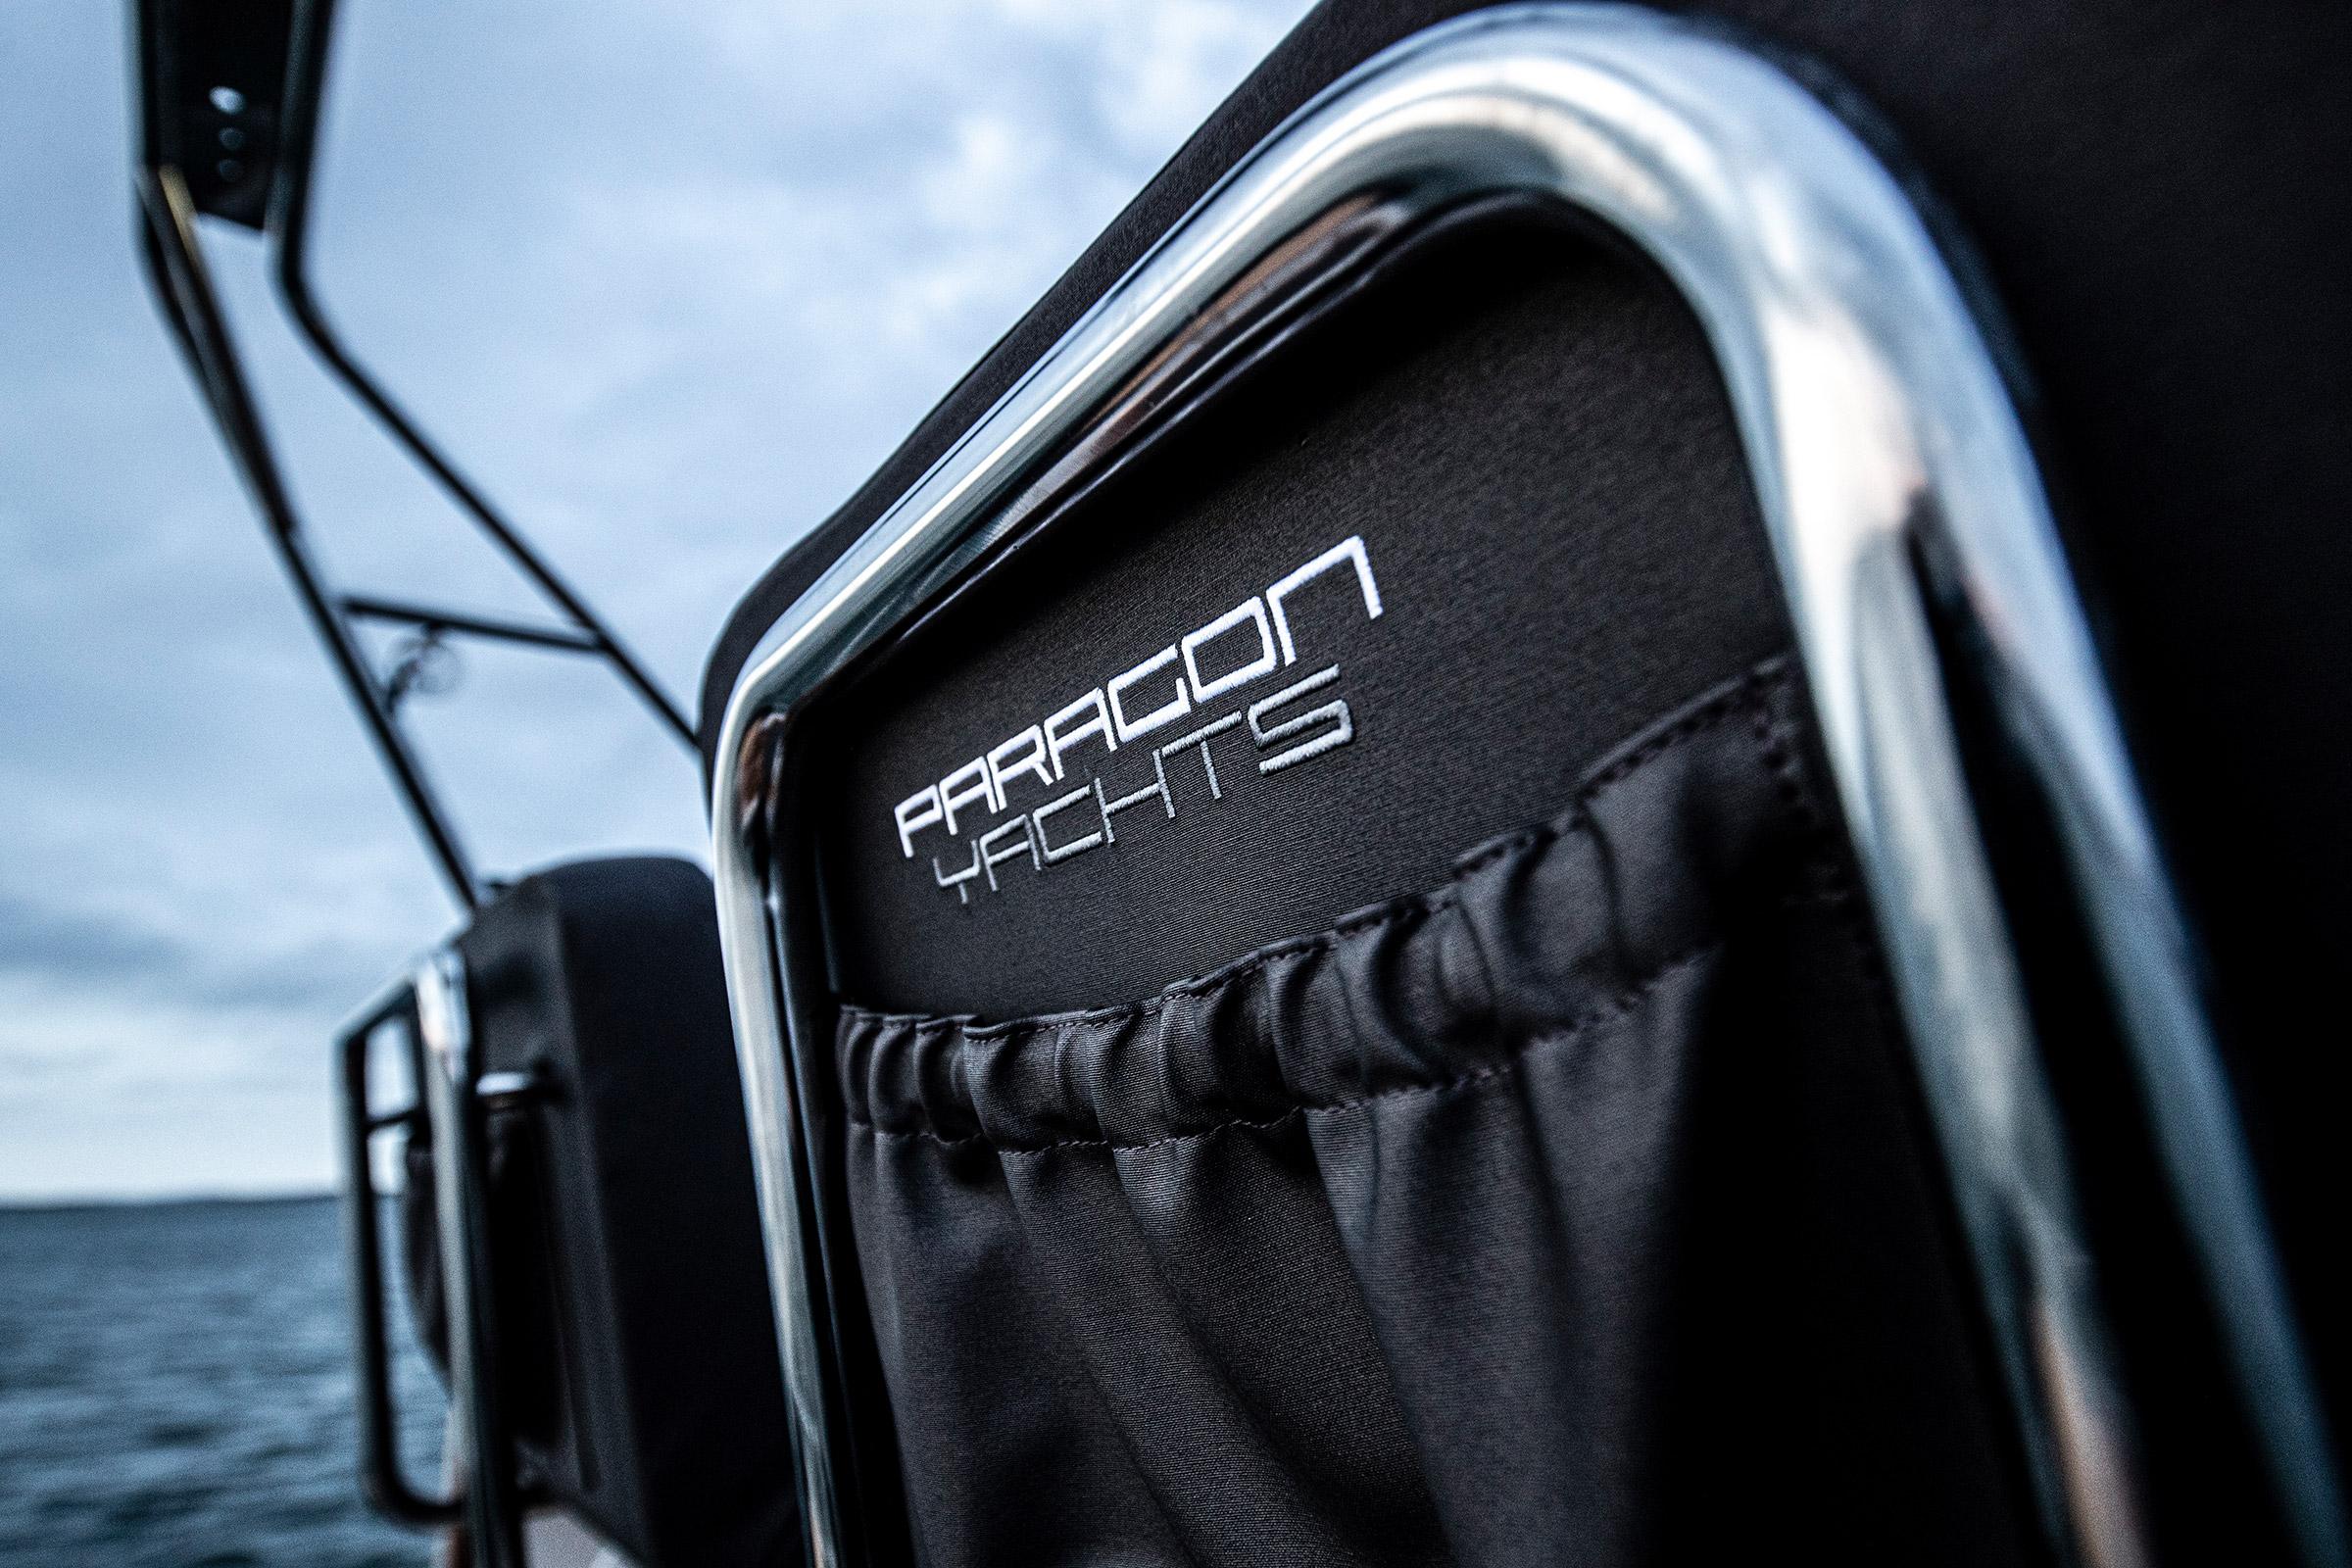 Paragon Yachts logo on a Paragon boat